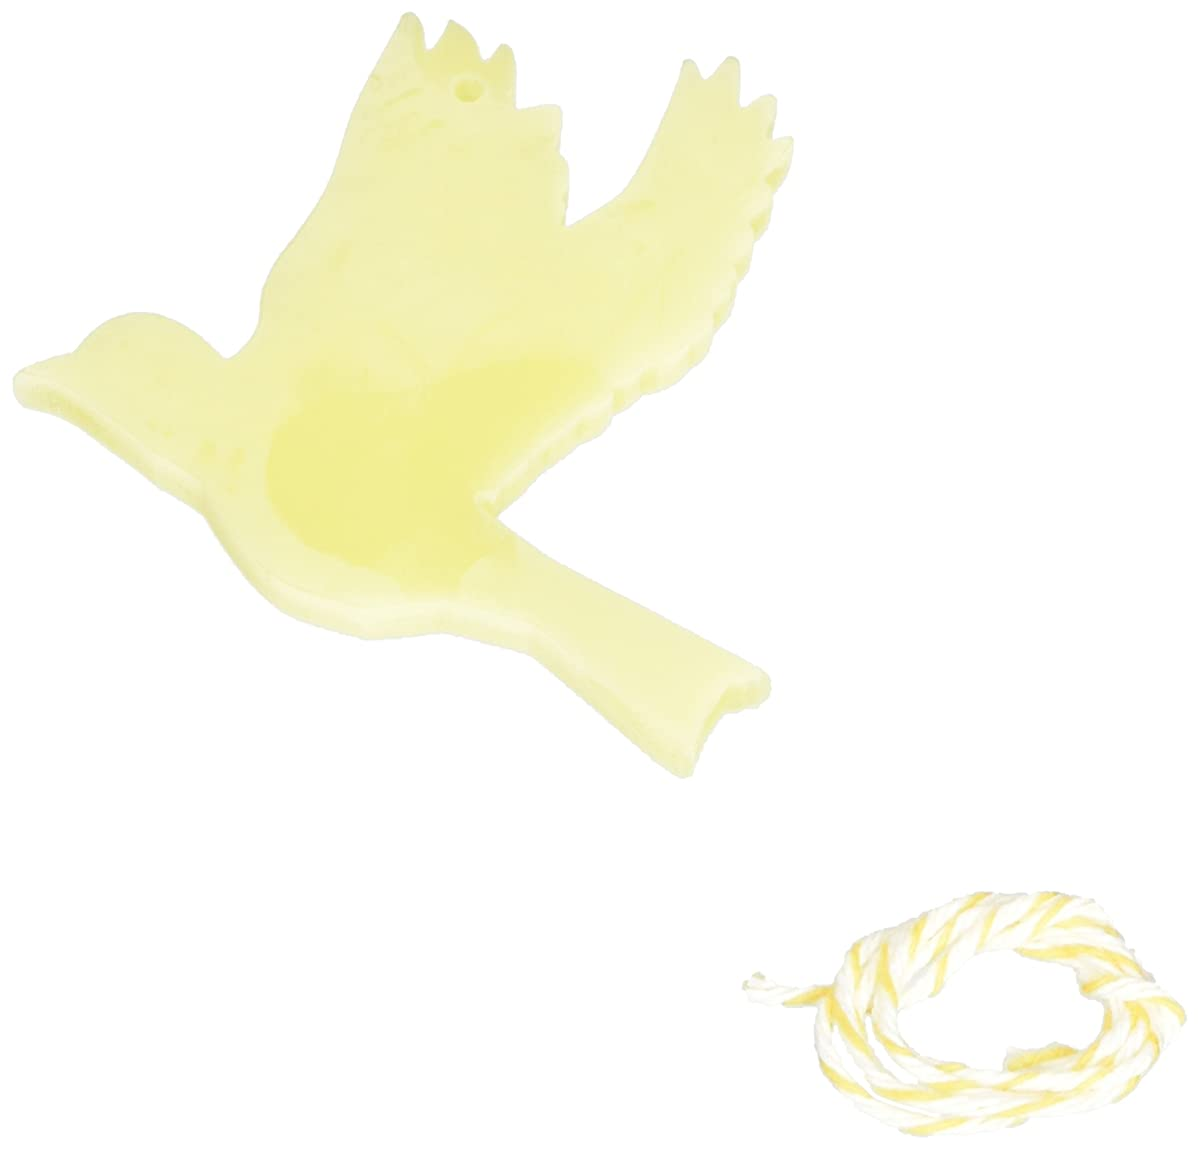 雄弁な地上の香ばしいGRASSE TOKYO AROMATICWAXチャーム「ハト」(YE) ベルガモット アロマティックワックス グラーストウキョウ